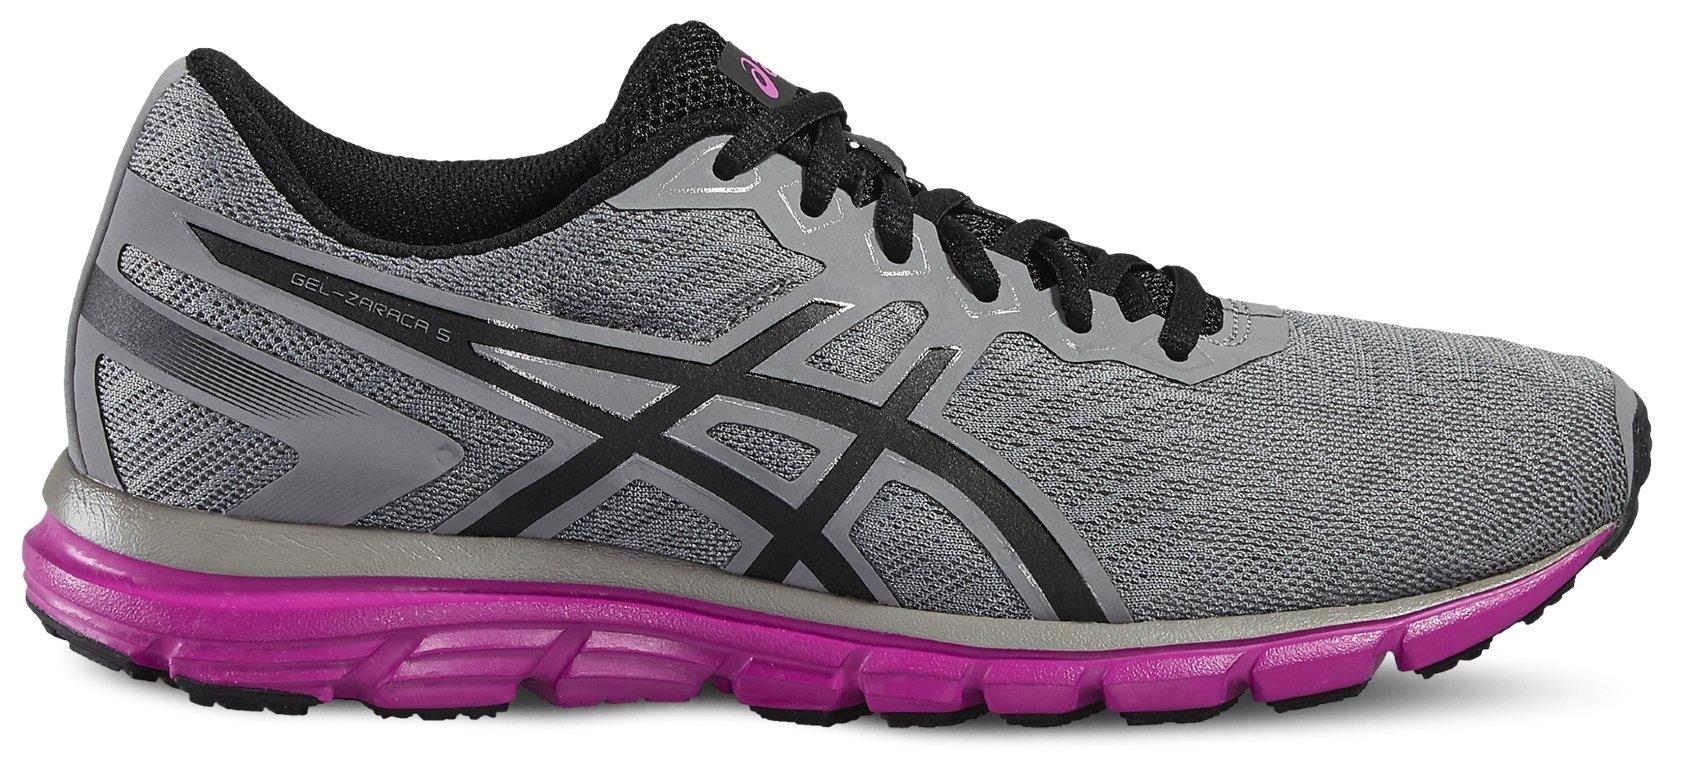 60c9652f87de Купить женские кроссовки Asics Gel-Zaraca 5 W   Интернет-магазин ...